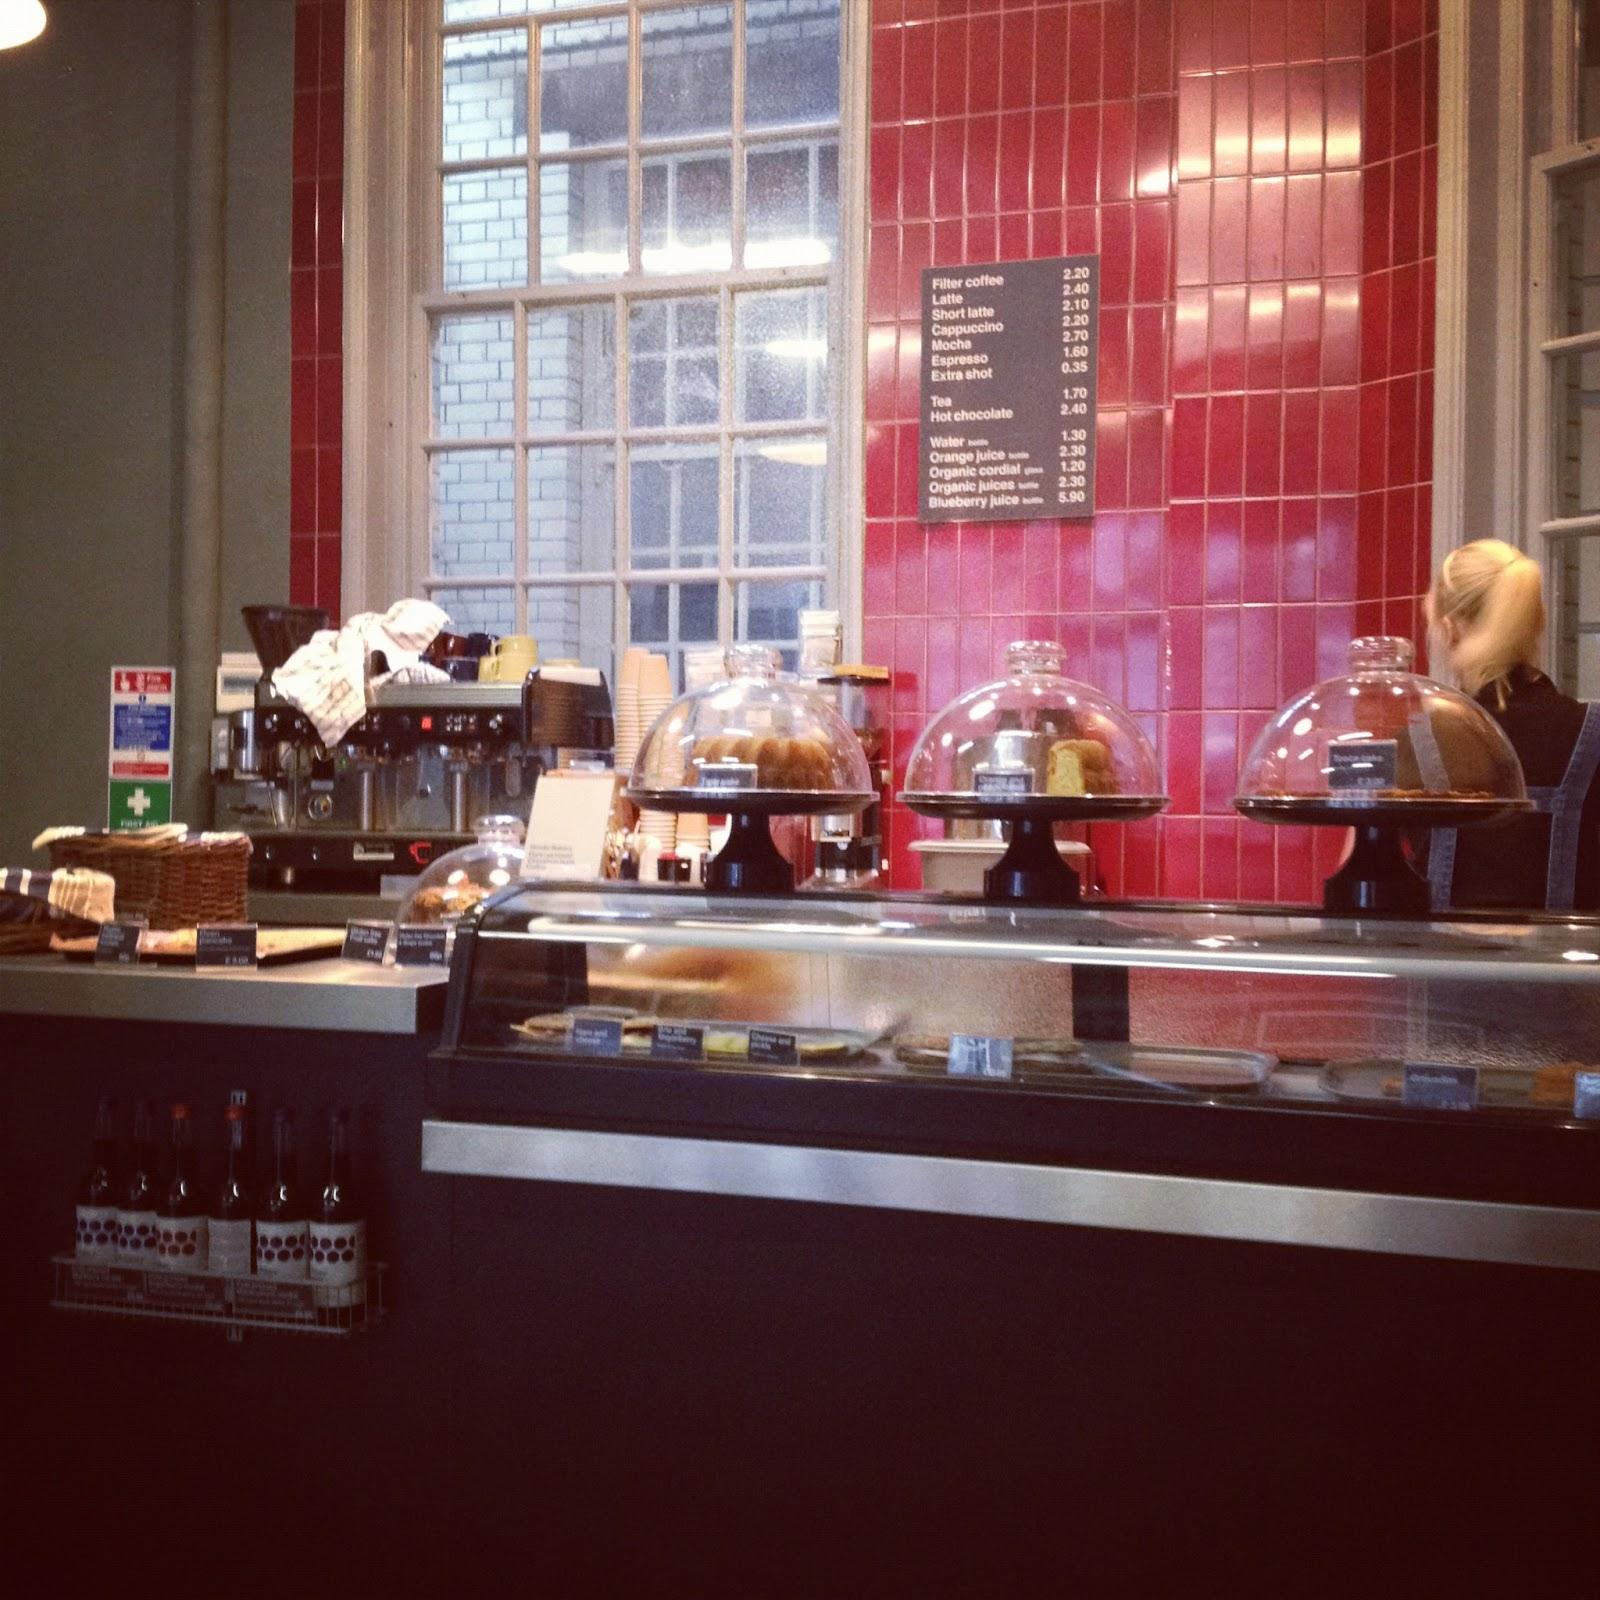 Nordic Bakery, New Cavendish St, Marylebone... Oozes